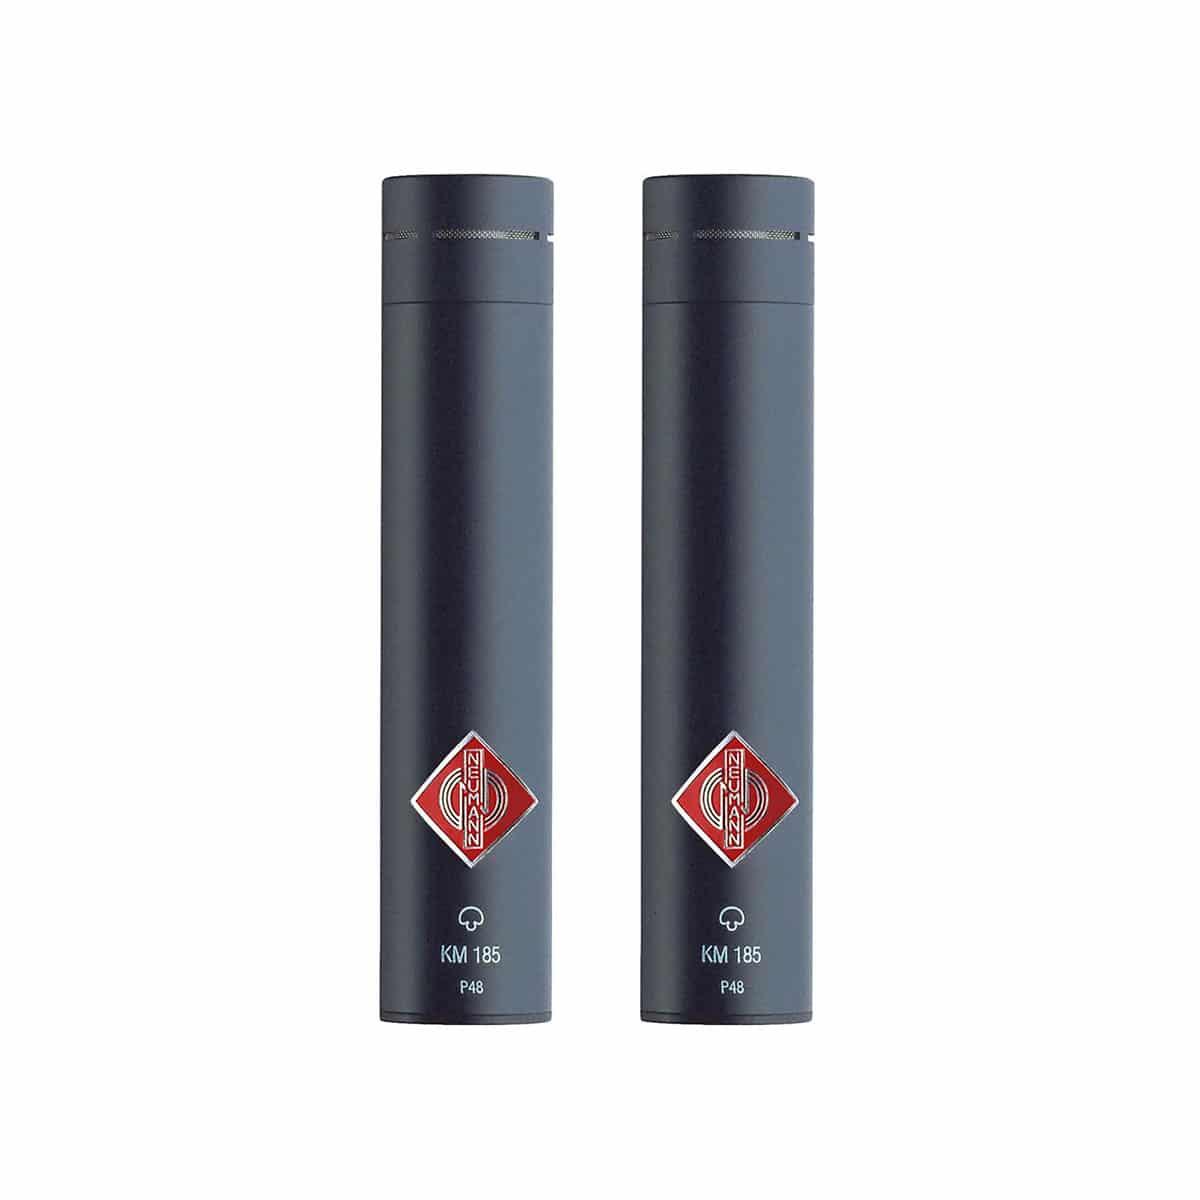 Neumann KM 185 Stereo Set 05 Microfoni a Condensatore, Microfoni professionali, Strumentazioni Pro Audio per studi di registrazione